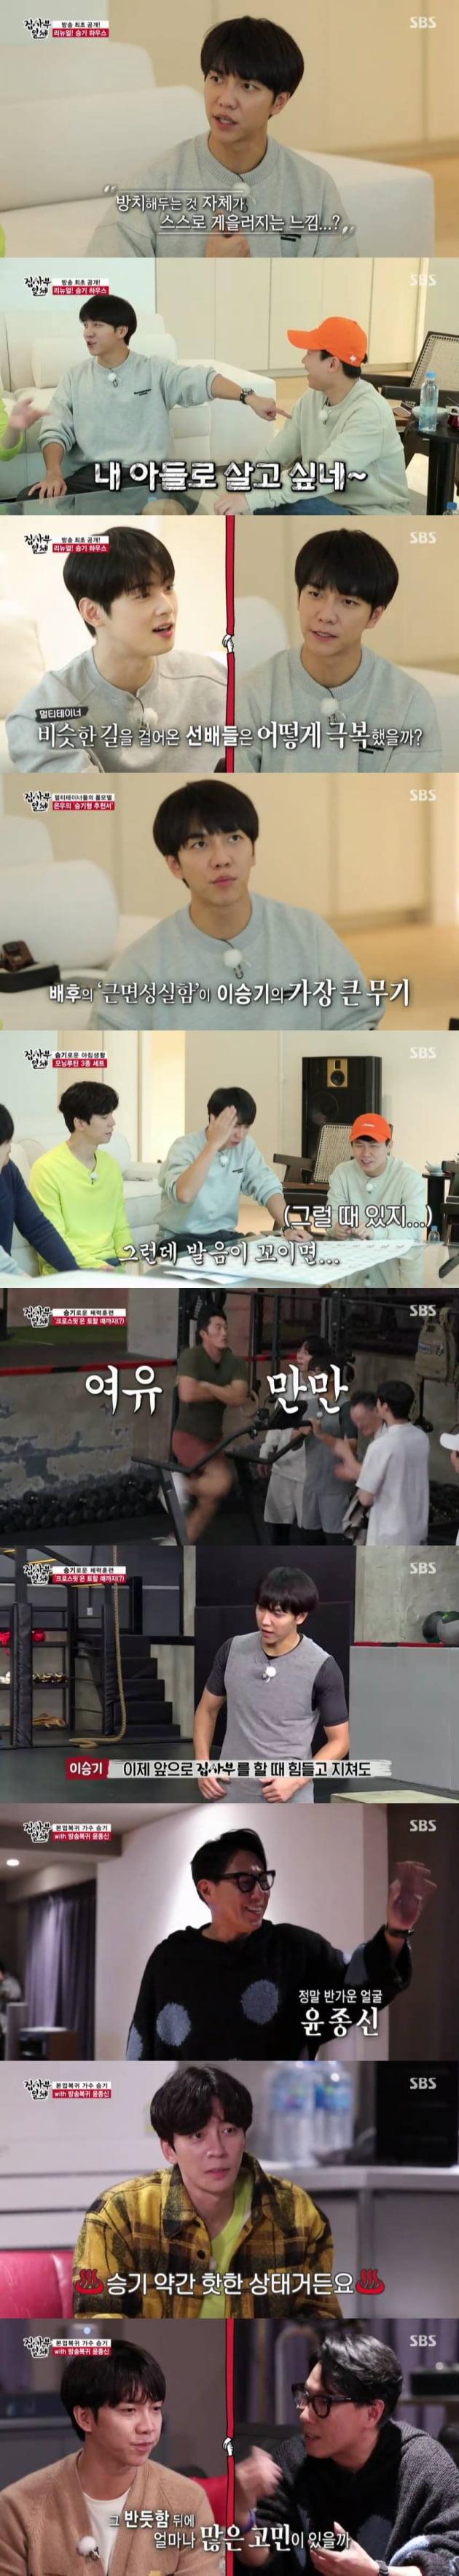 '집사부일체' 이승기 '뻔한 남자' 최초 공개…30만뷰 찍었다